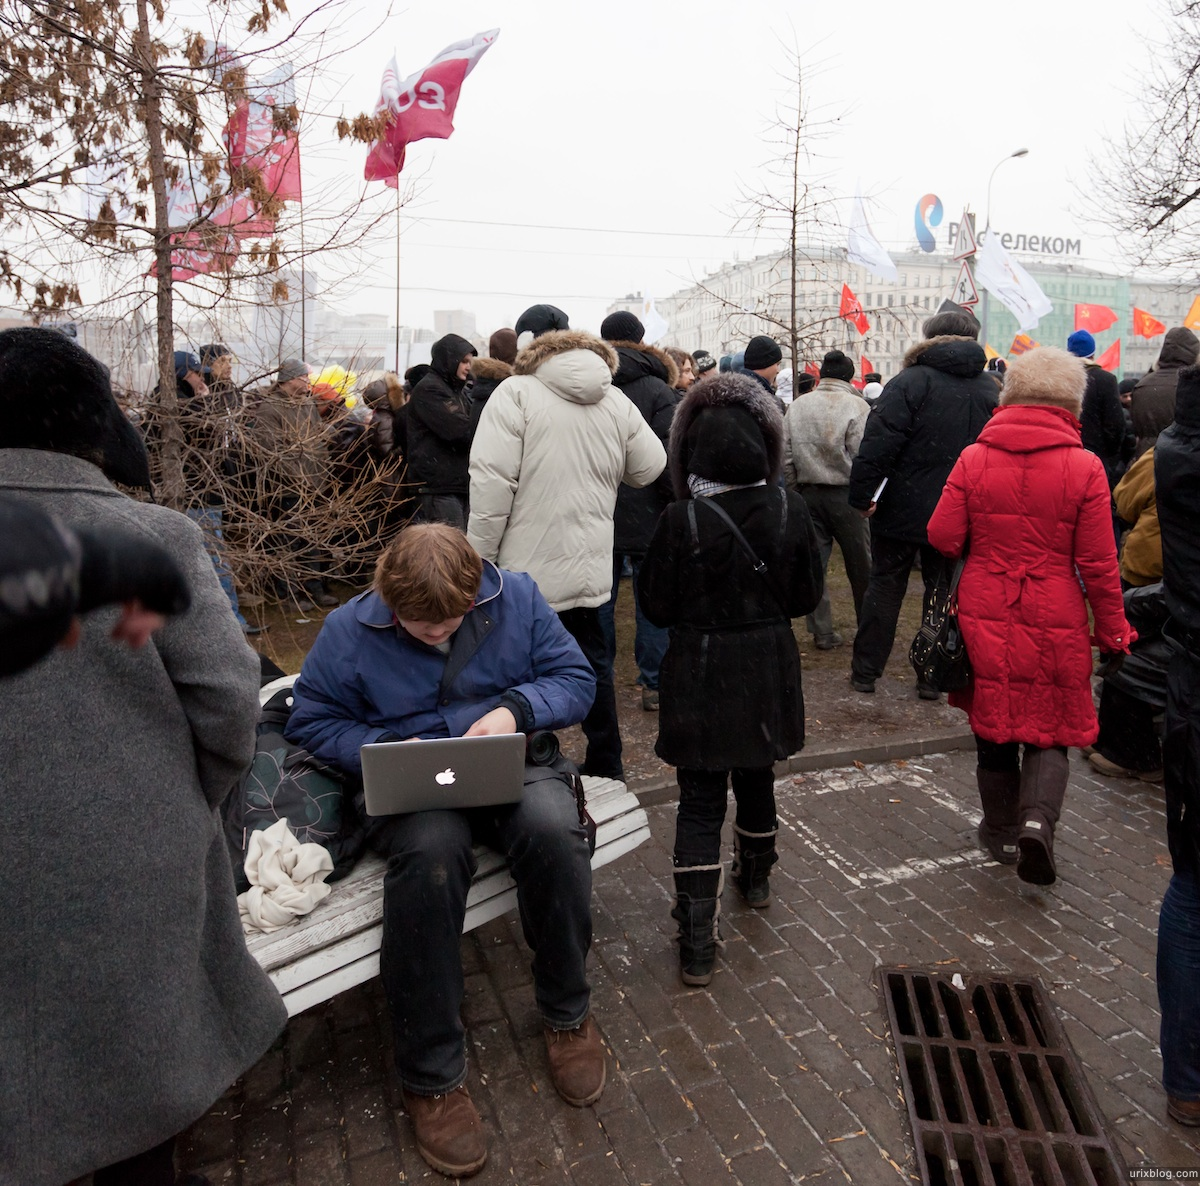 2011 Москва болотная площадь митинг выборы, Moscow Russia meeting protests elections Bolotnaya square